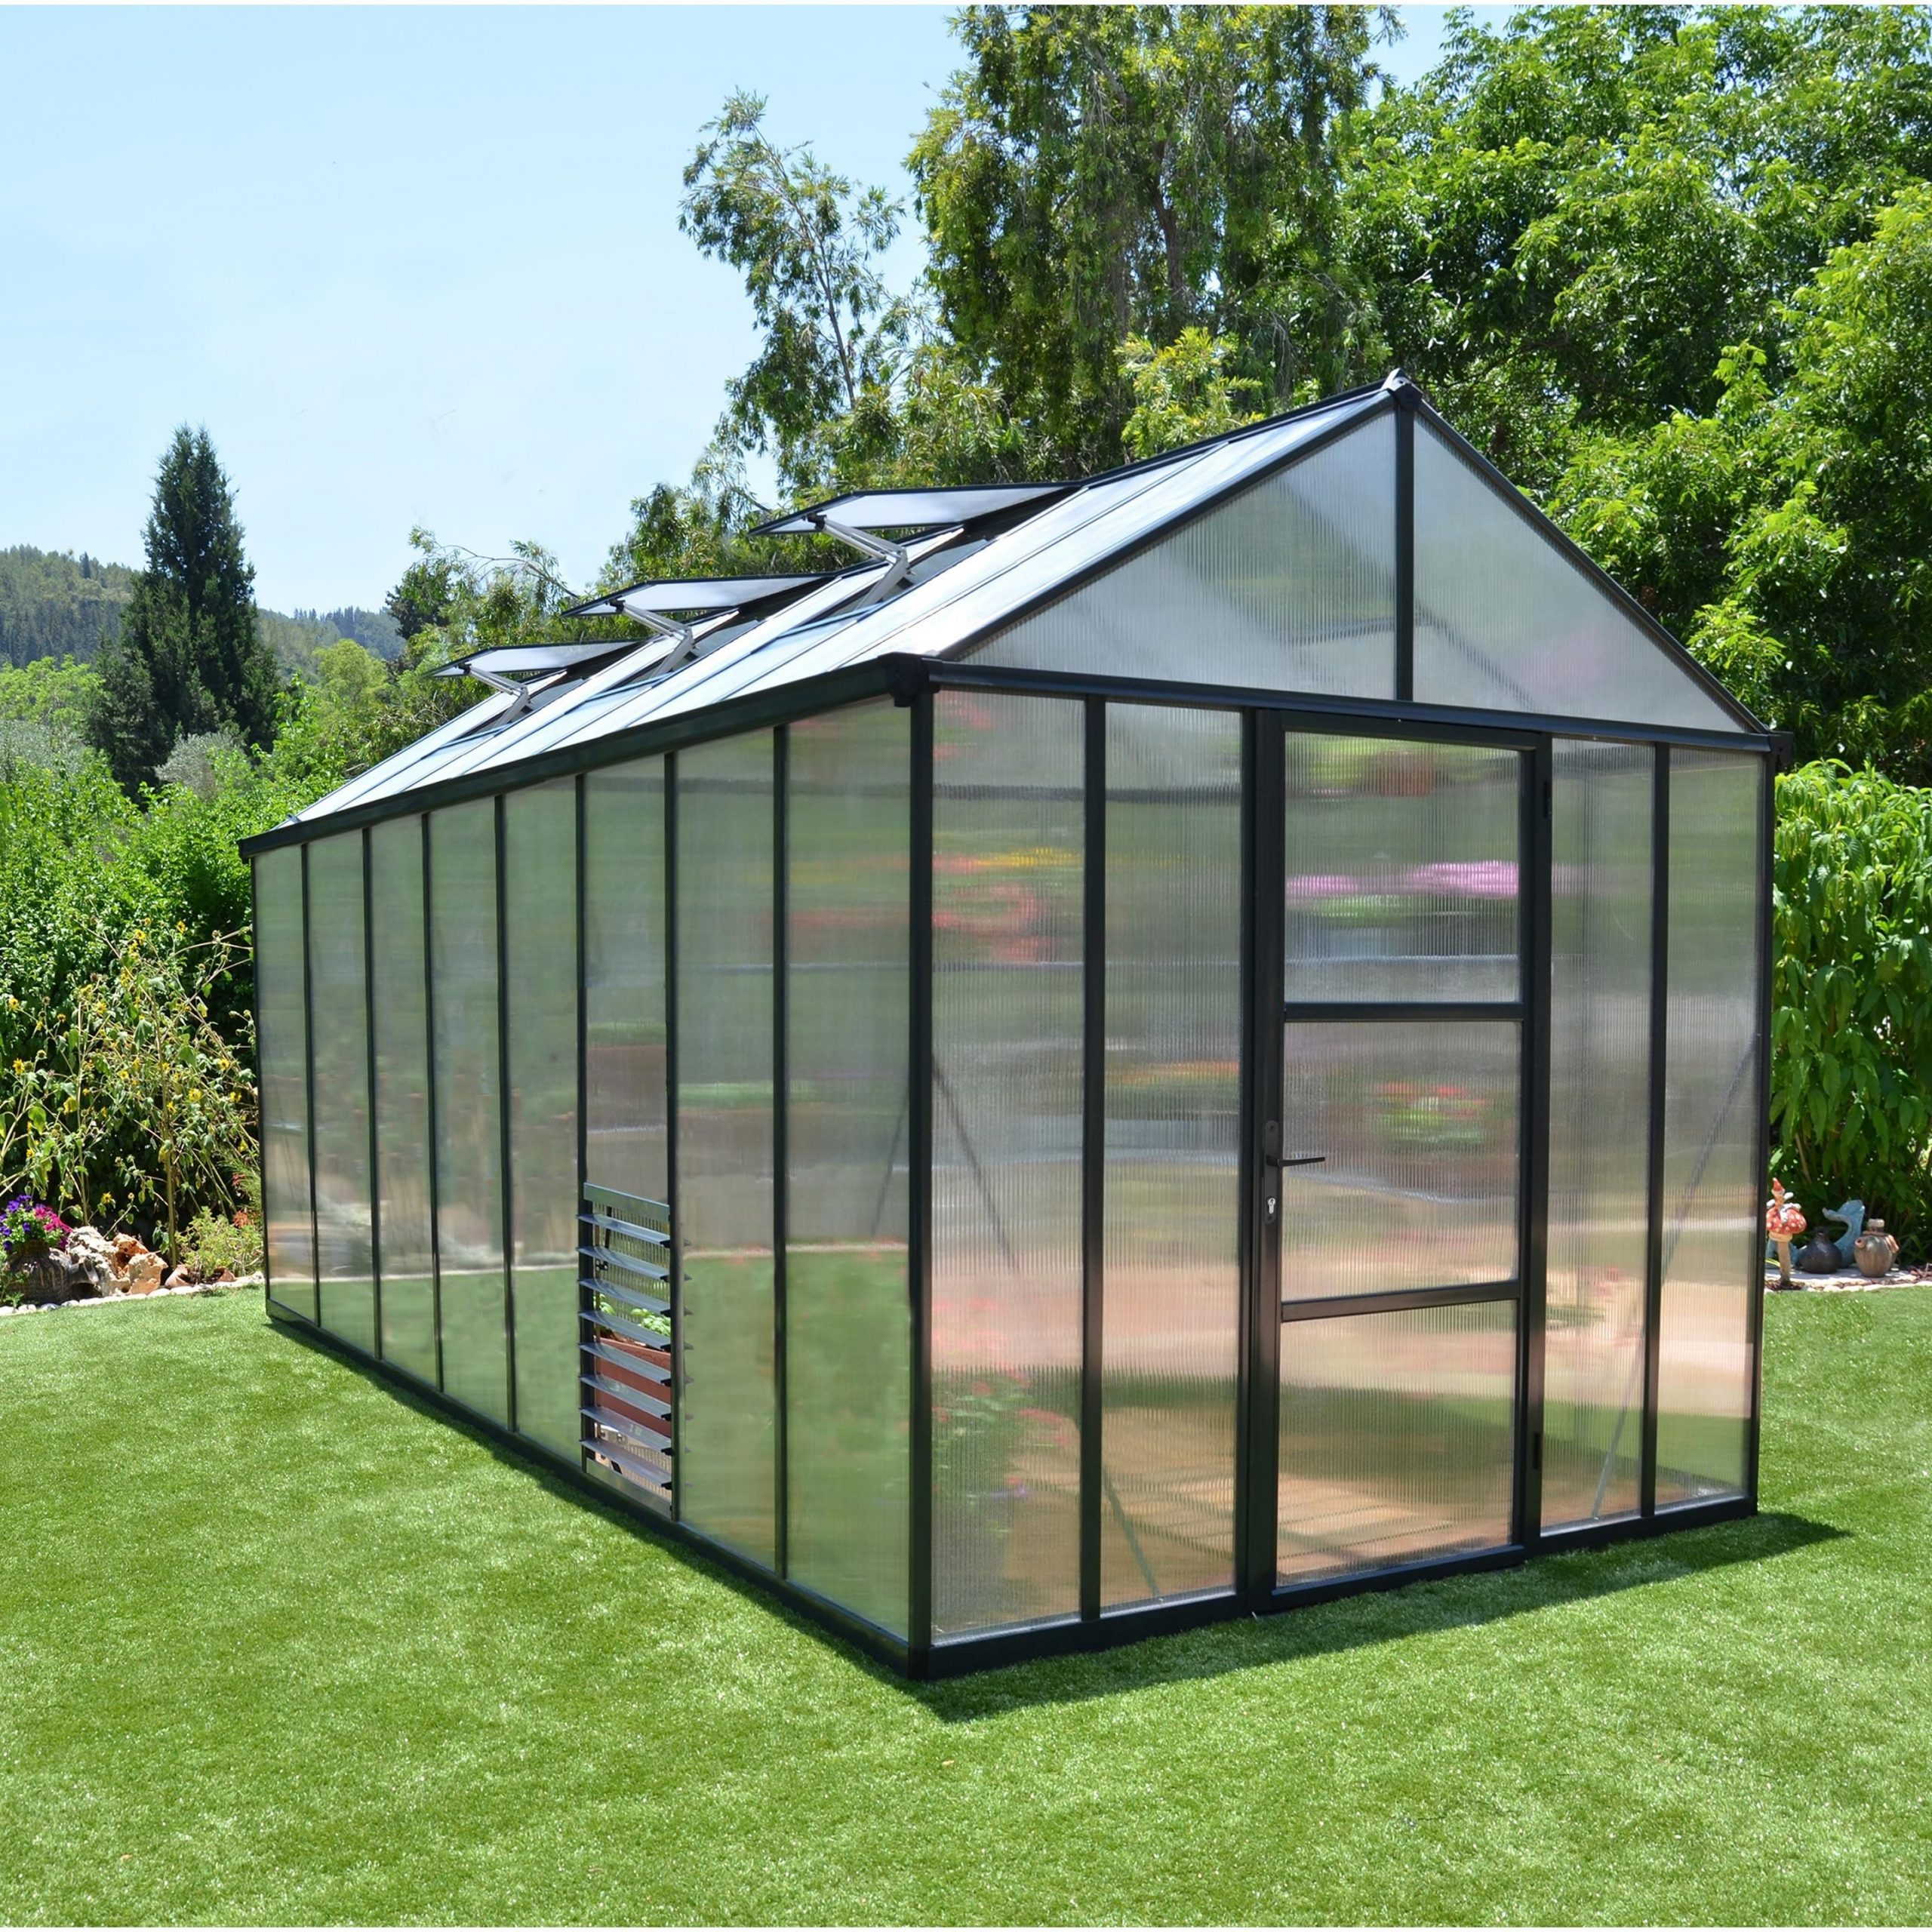 Serre De Jardin Glory 11.4 M², Aluminium Et Polycarbonate ... destiné Serre De Jardin Leroy Merlin